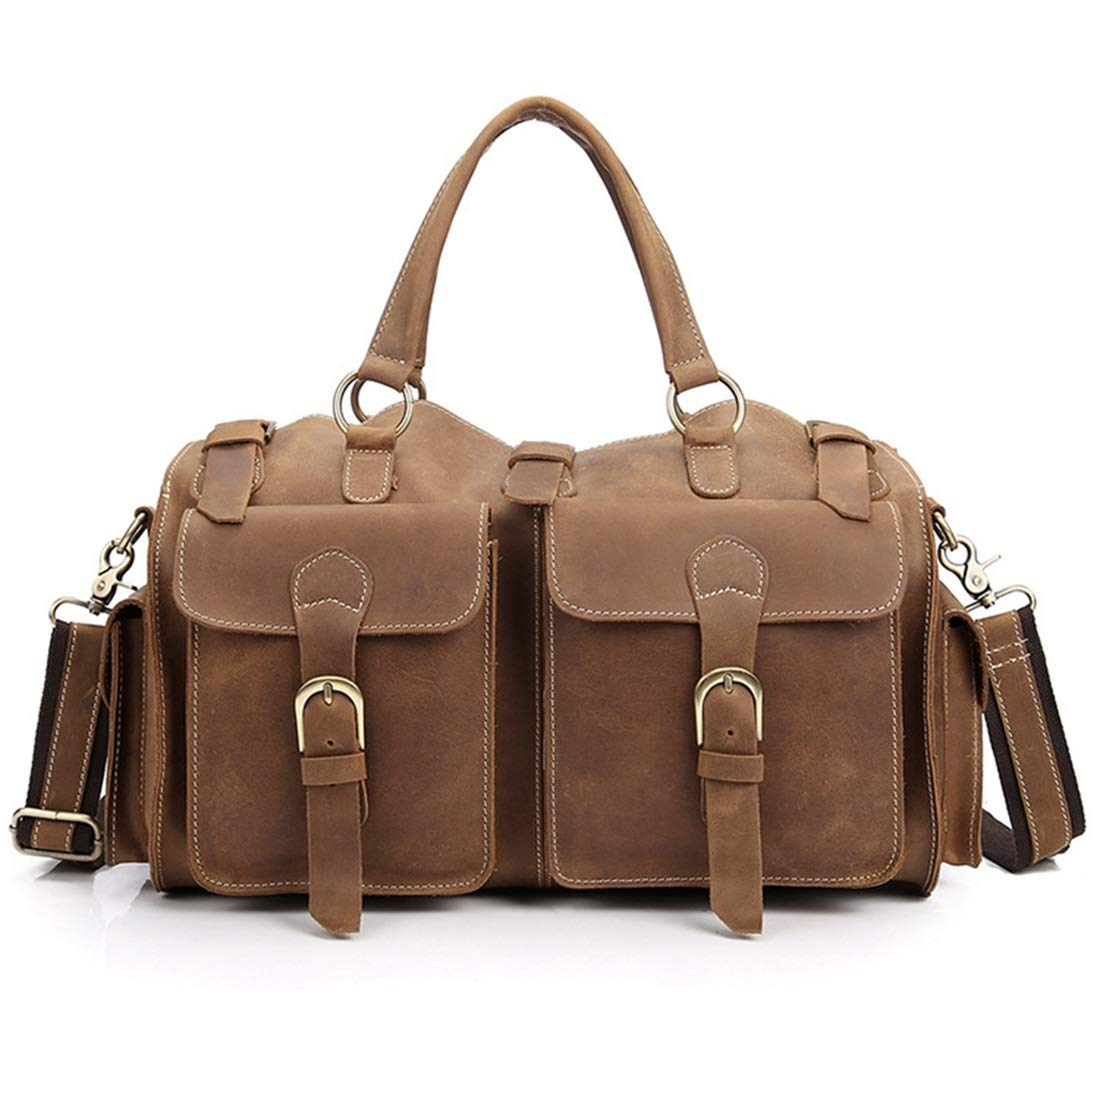 MATCHANT Mens Travel Bags Shoulder Bags Crossbody Shoulder Bag Multi-Purpose Leather Duffel Bag Cylinder Case Color : Brown